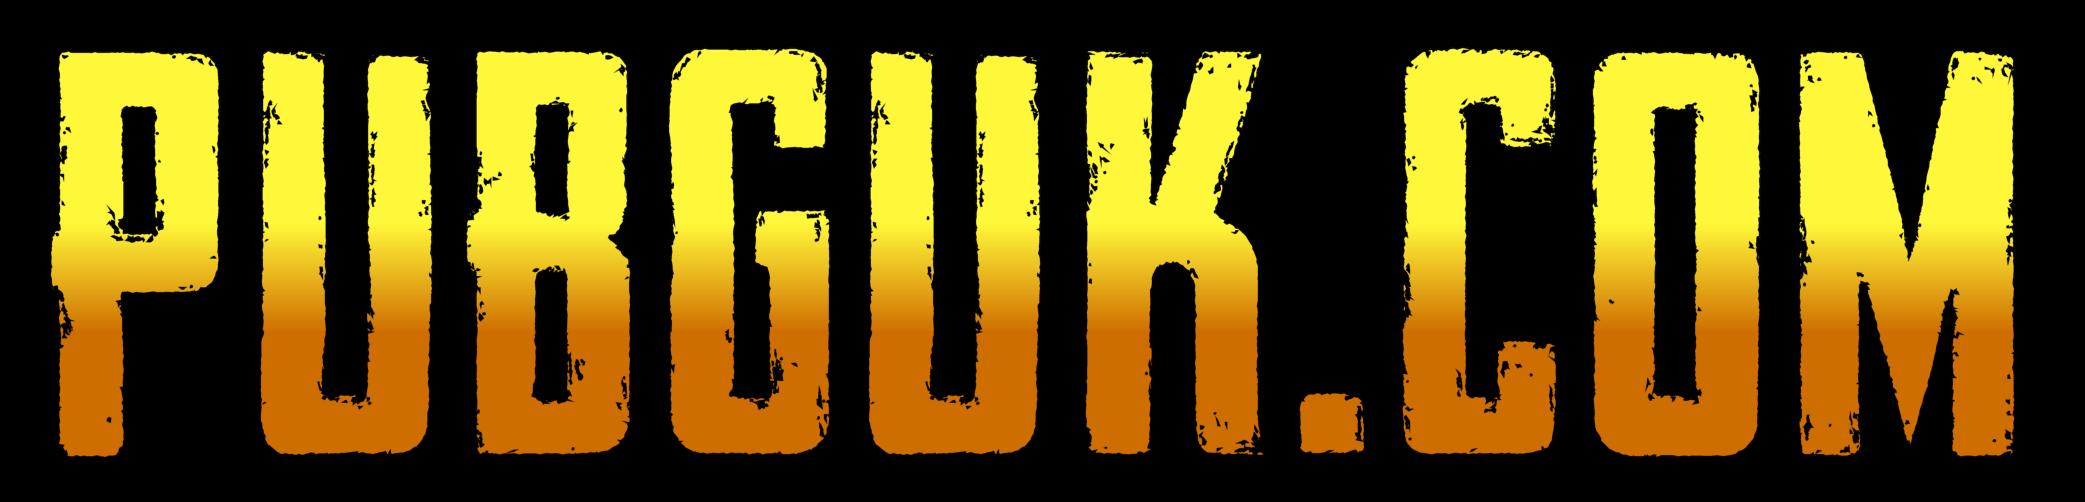 PUBGUK.com